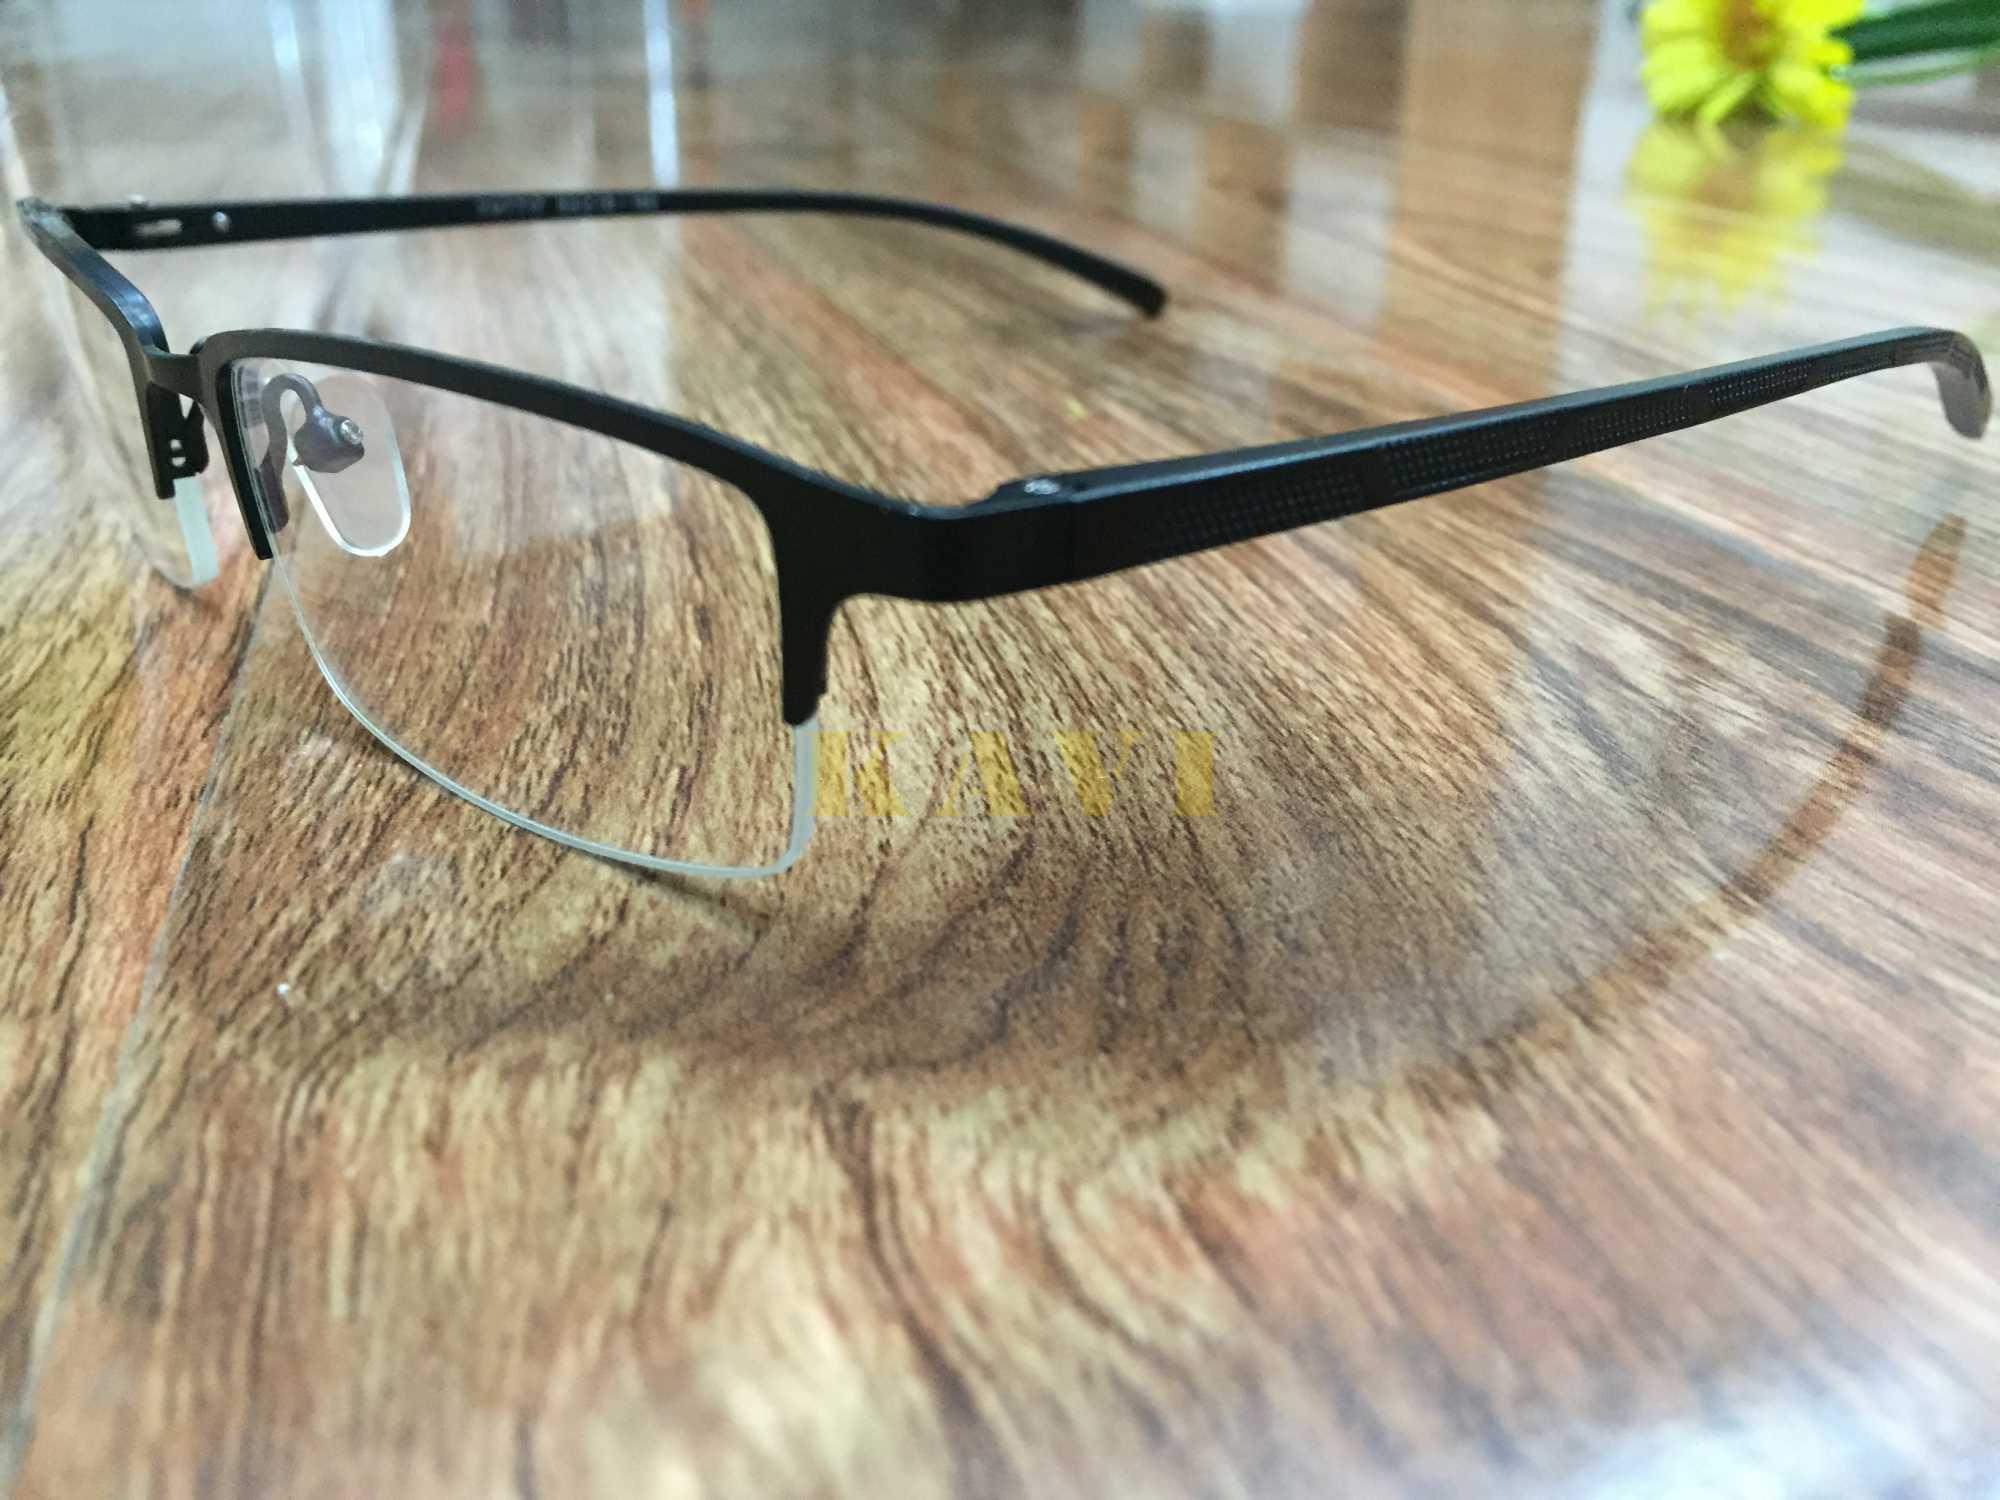 kính bảo vệ mắt máy tính